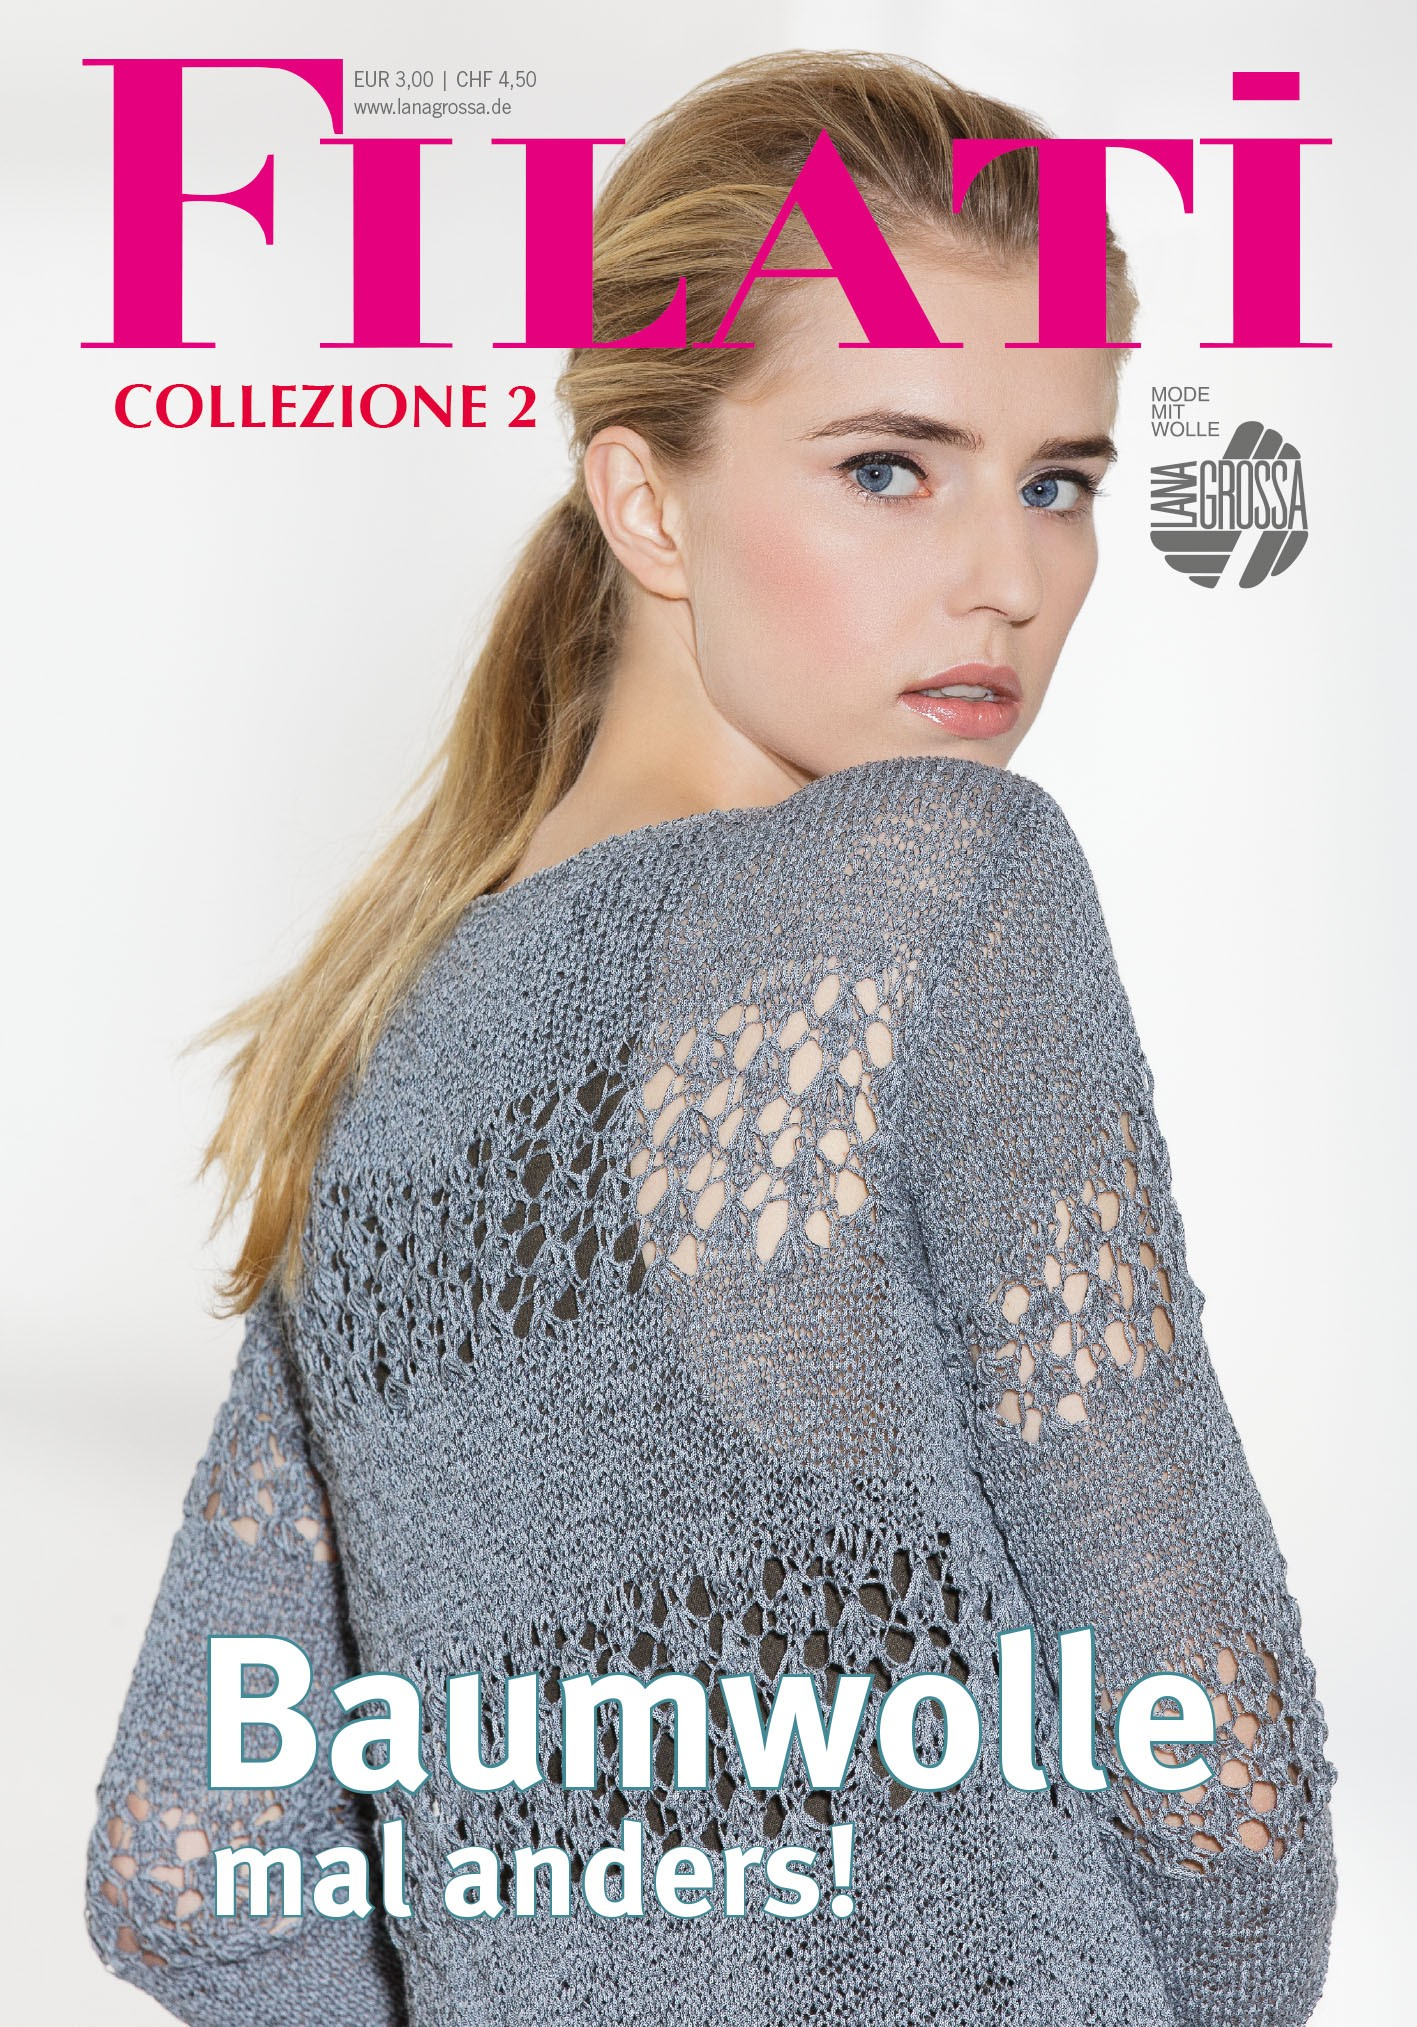 Lana Grossa FILATI COLLEZIONE No. 2 - German Edition